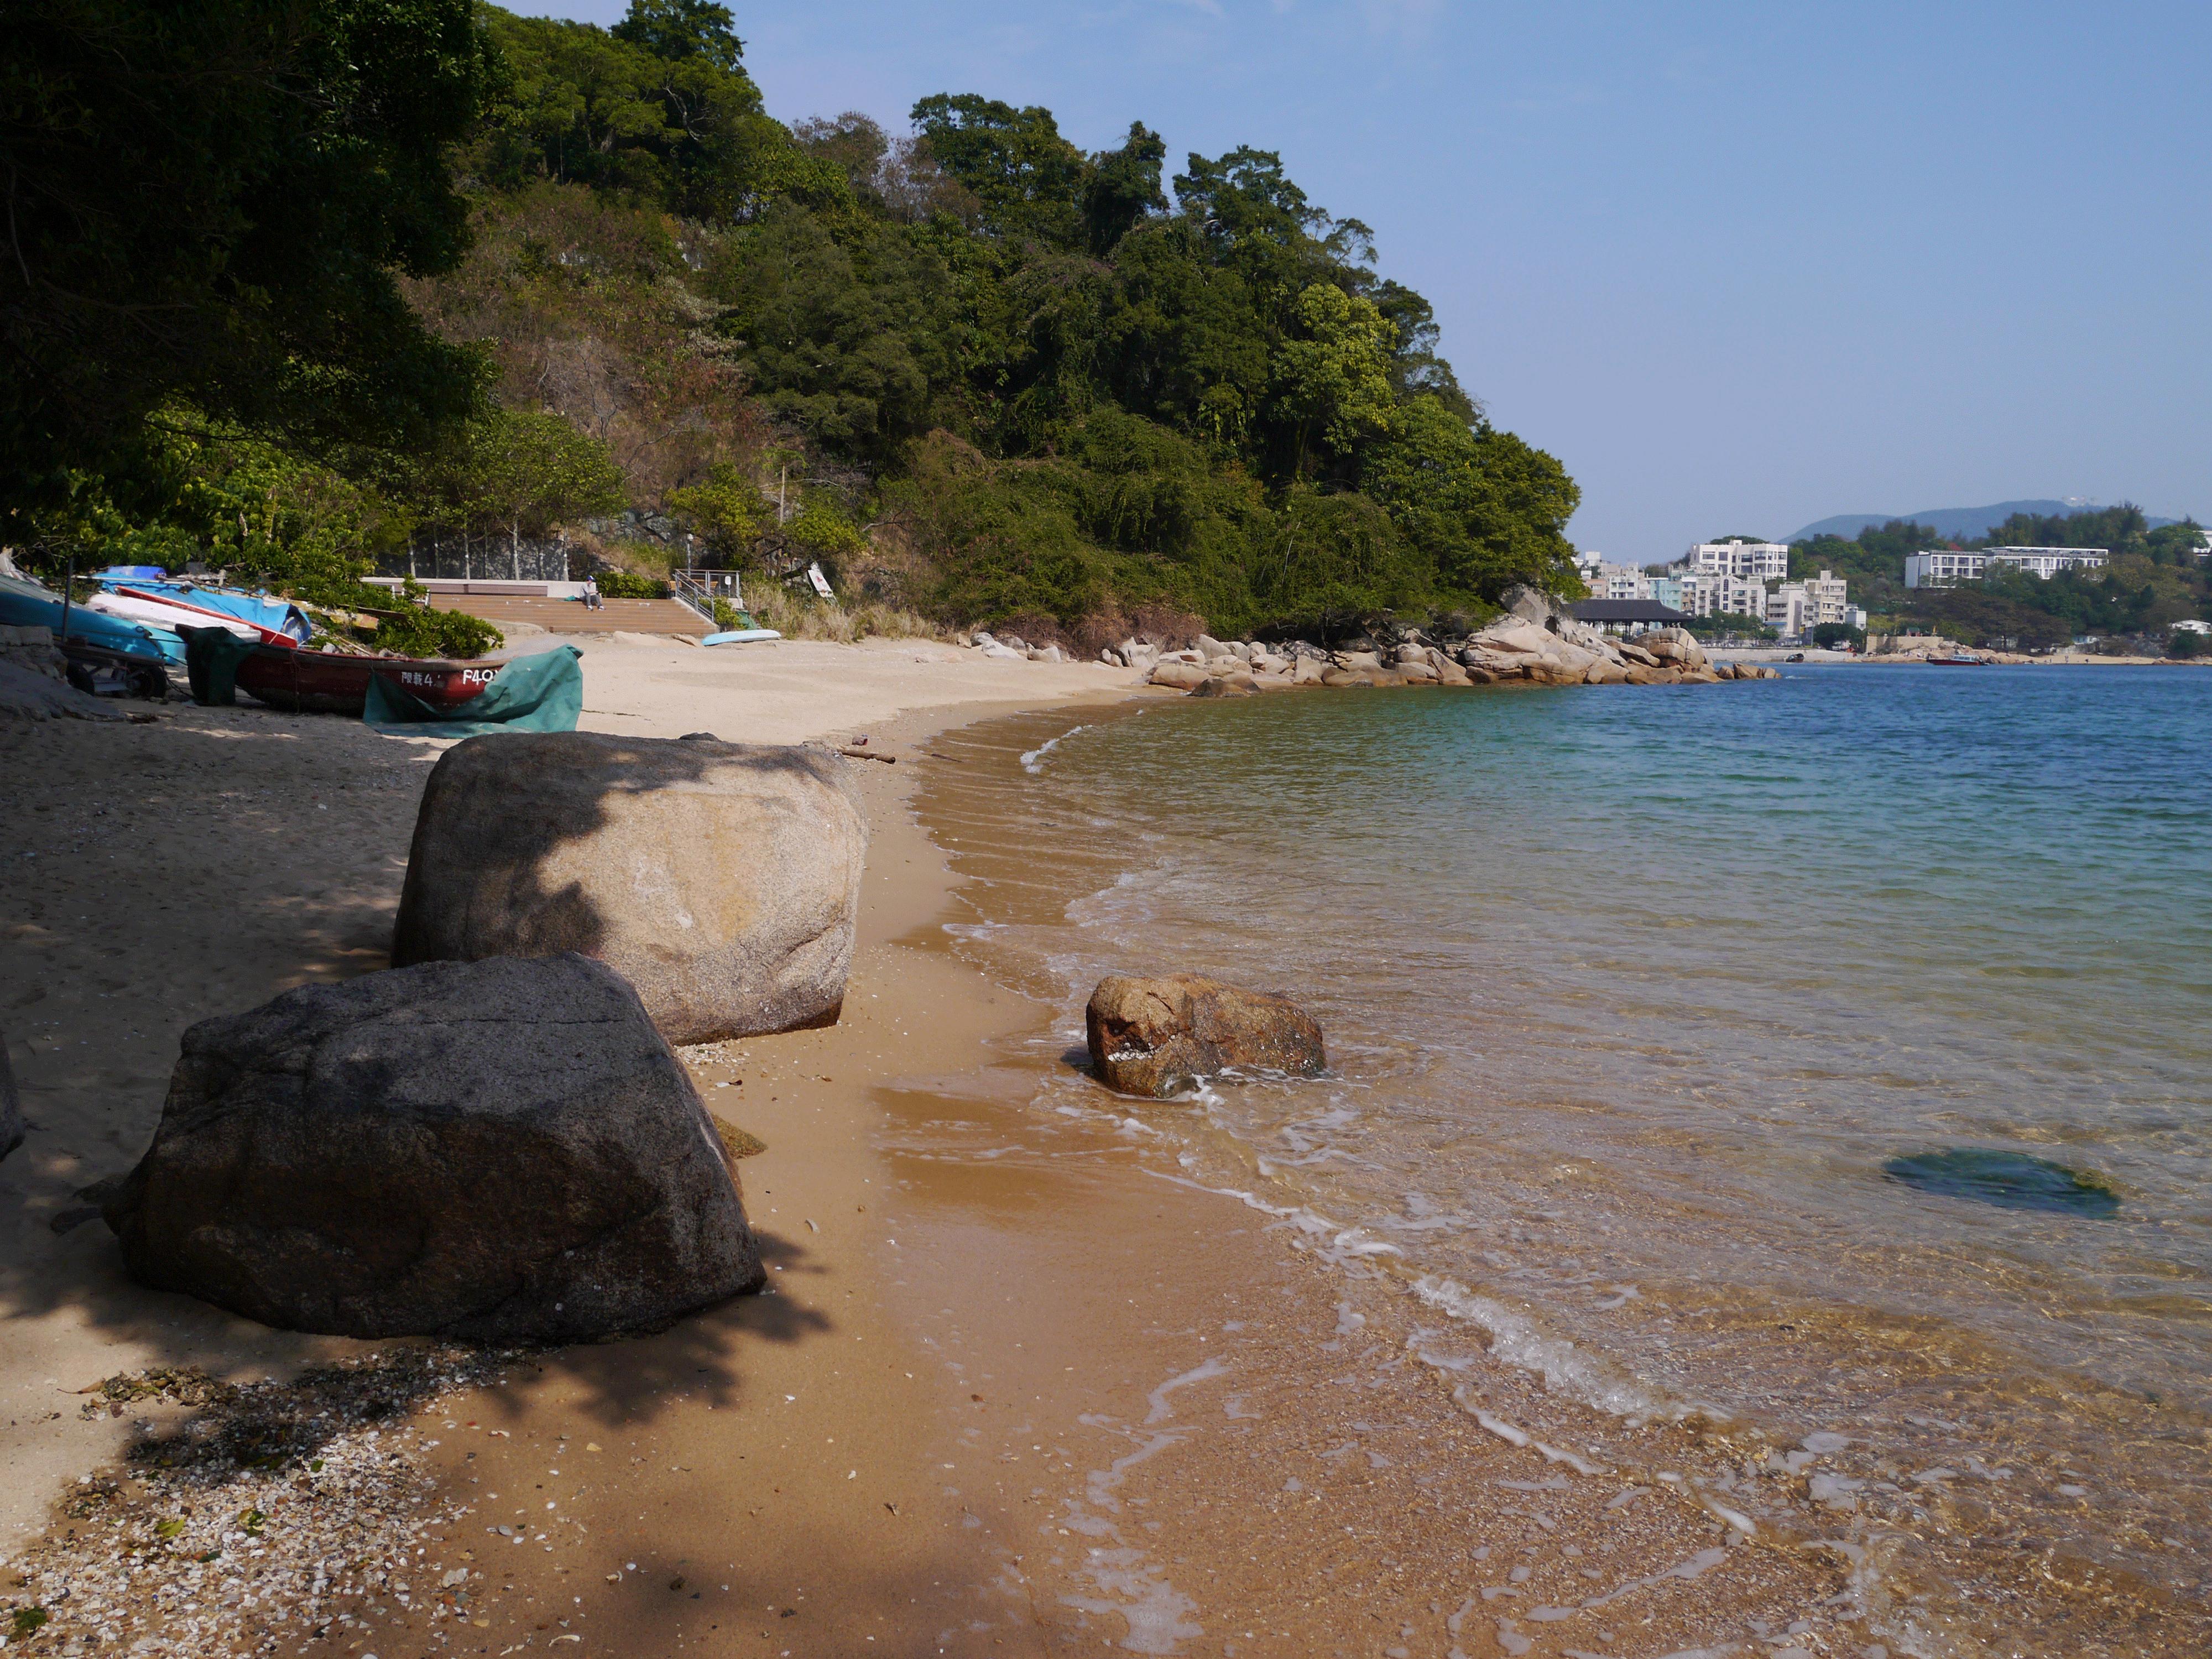 Une petite plage tranquille à l'arrière de l'île à Hong Kong